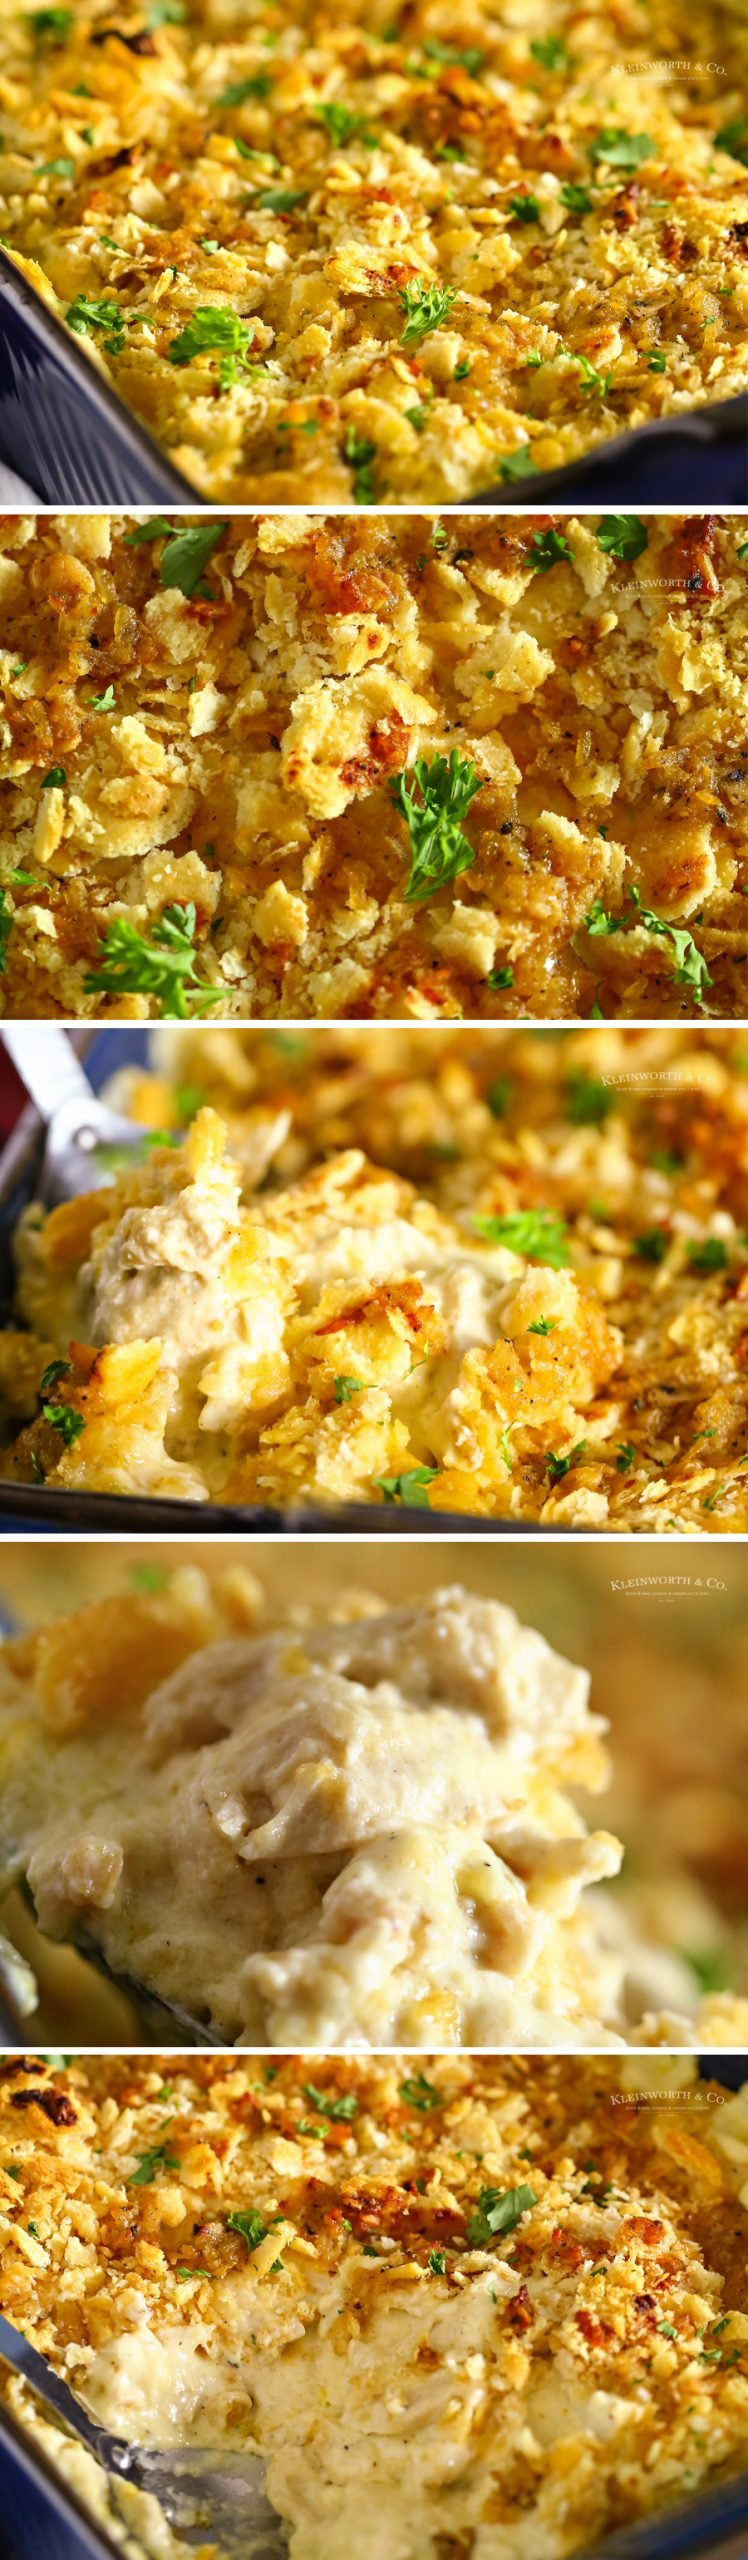 how to make Ritz Cracker Chicken Casserole